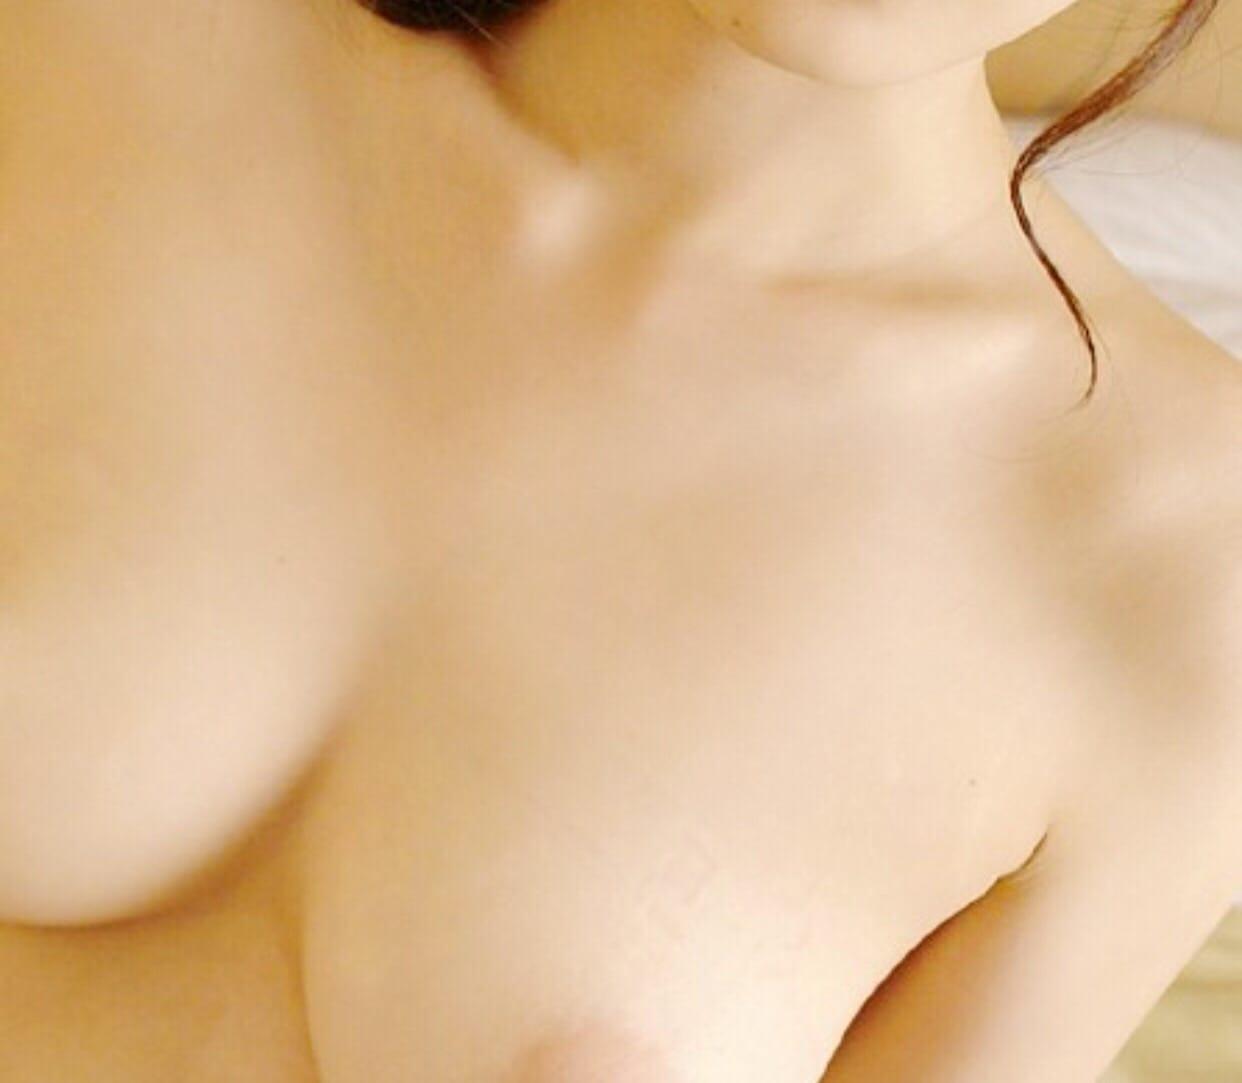 「おでんわまってます❤️」02/05(月) 01:41 | マリアの写メ・風俗動画